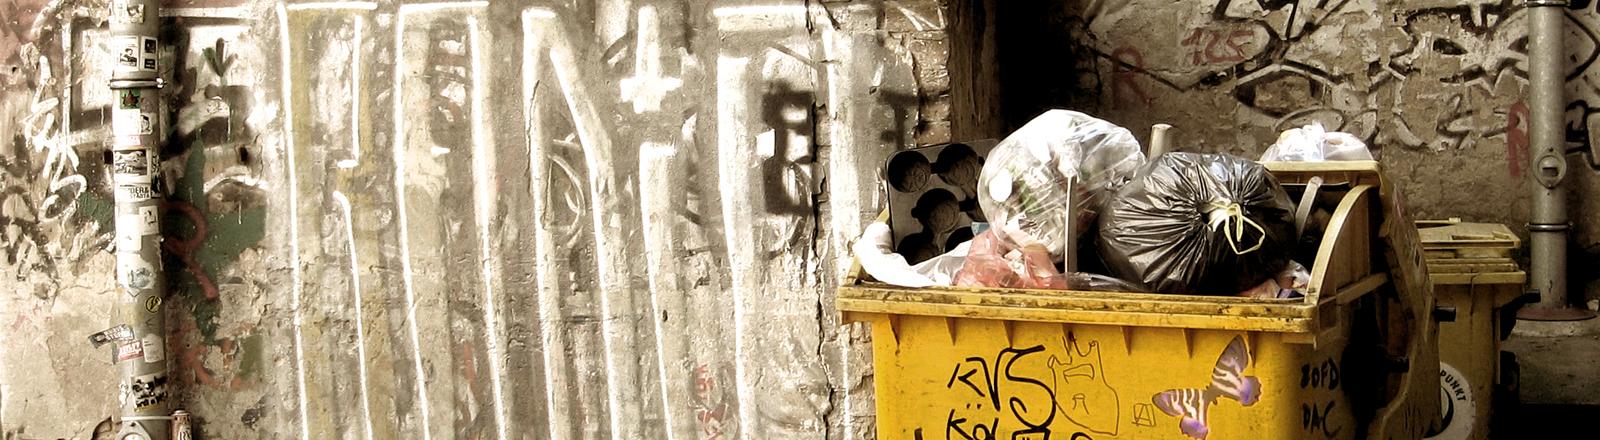 Überfüllter Mülleimer in eimem Hinterhof